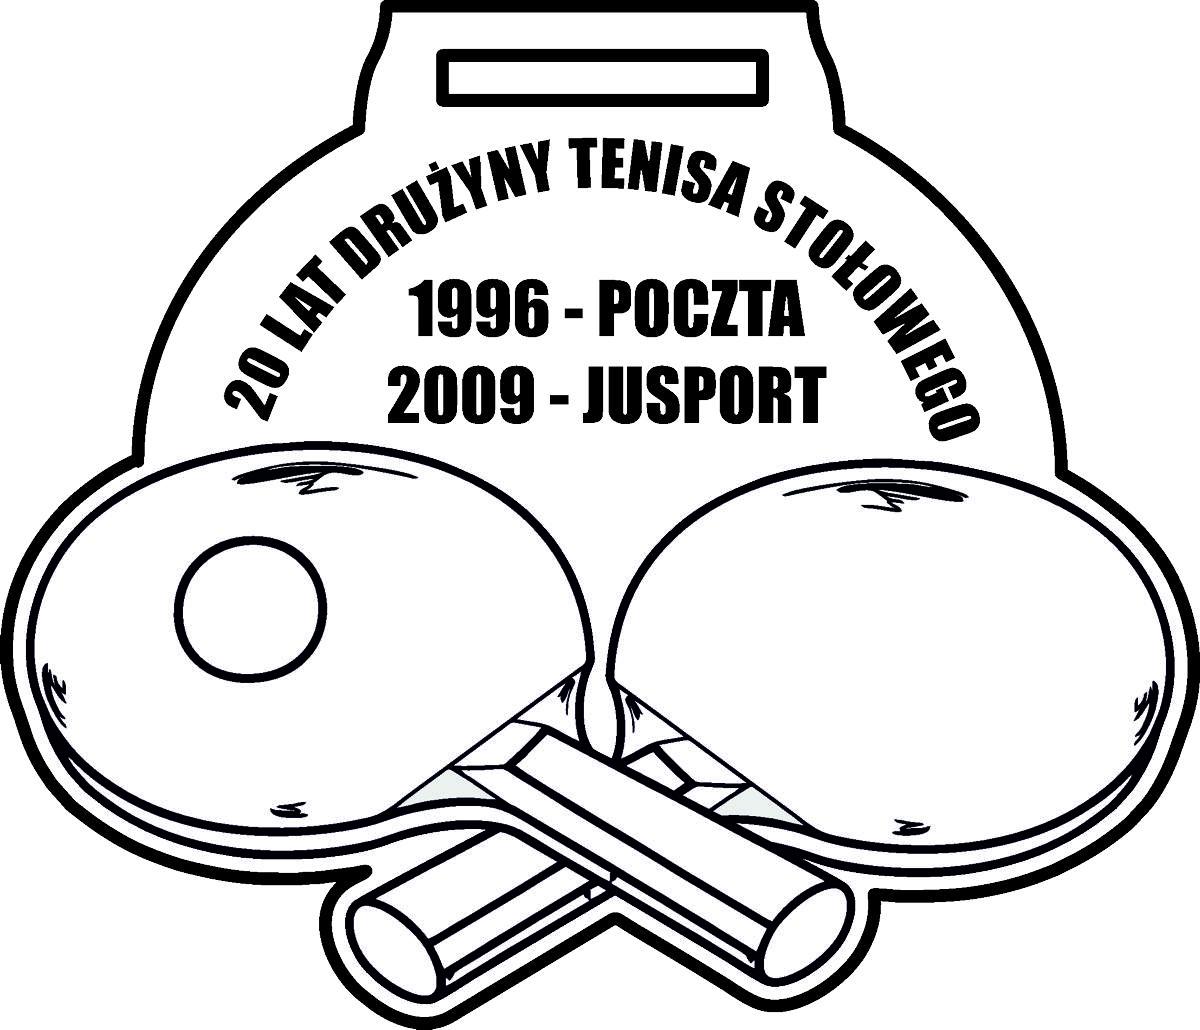 Medale dla dzieci tenis stołowy